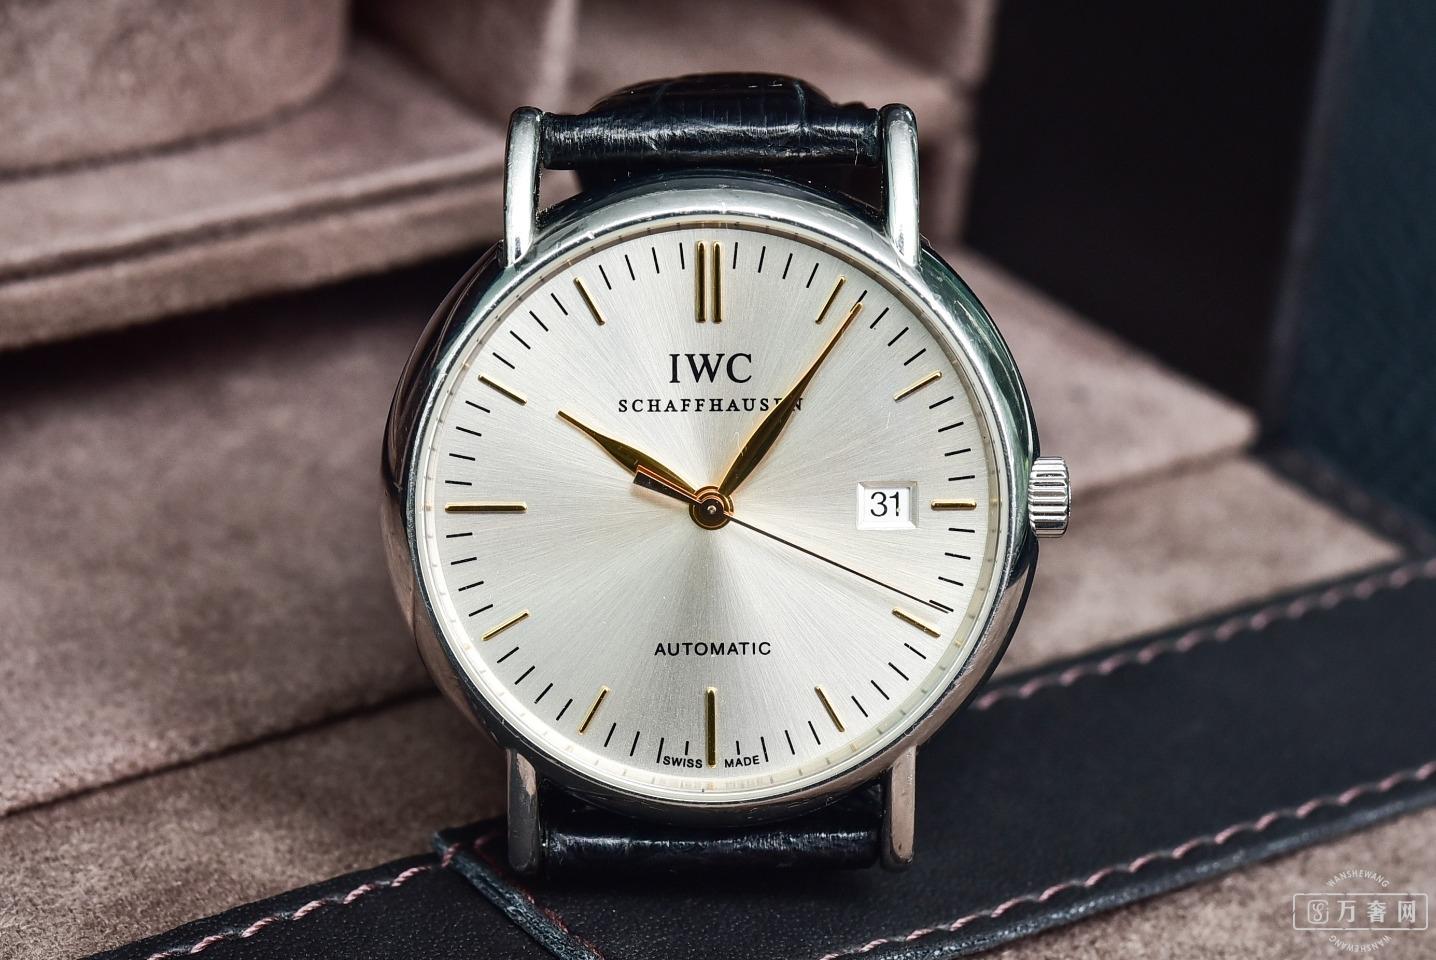 男人出去就得有块表 看中万国柏涛菲诺系列IW356303腕表 常州高价回收万国手表